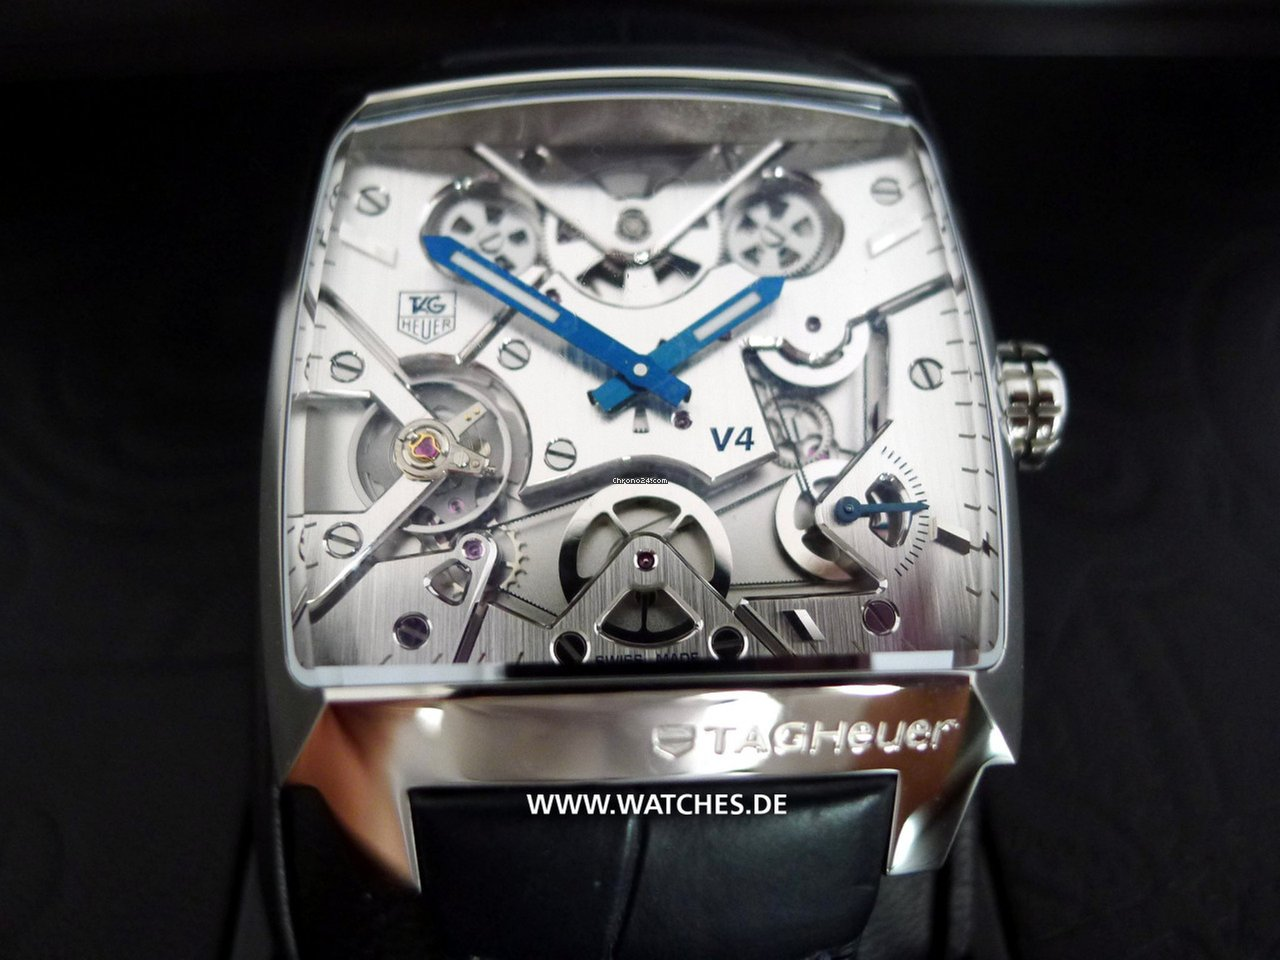 3c0247def68 Comprar relógios TAG Heuer